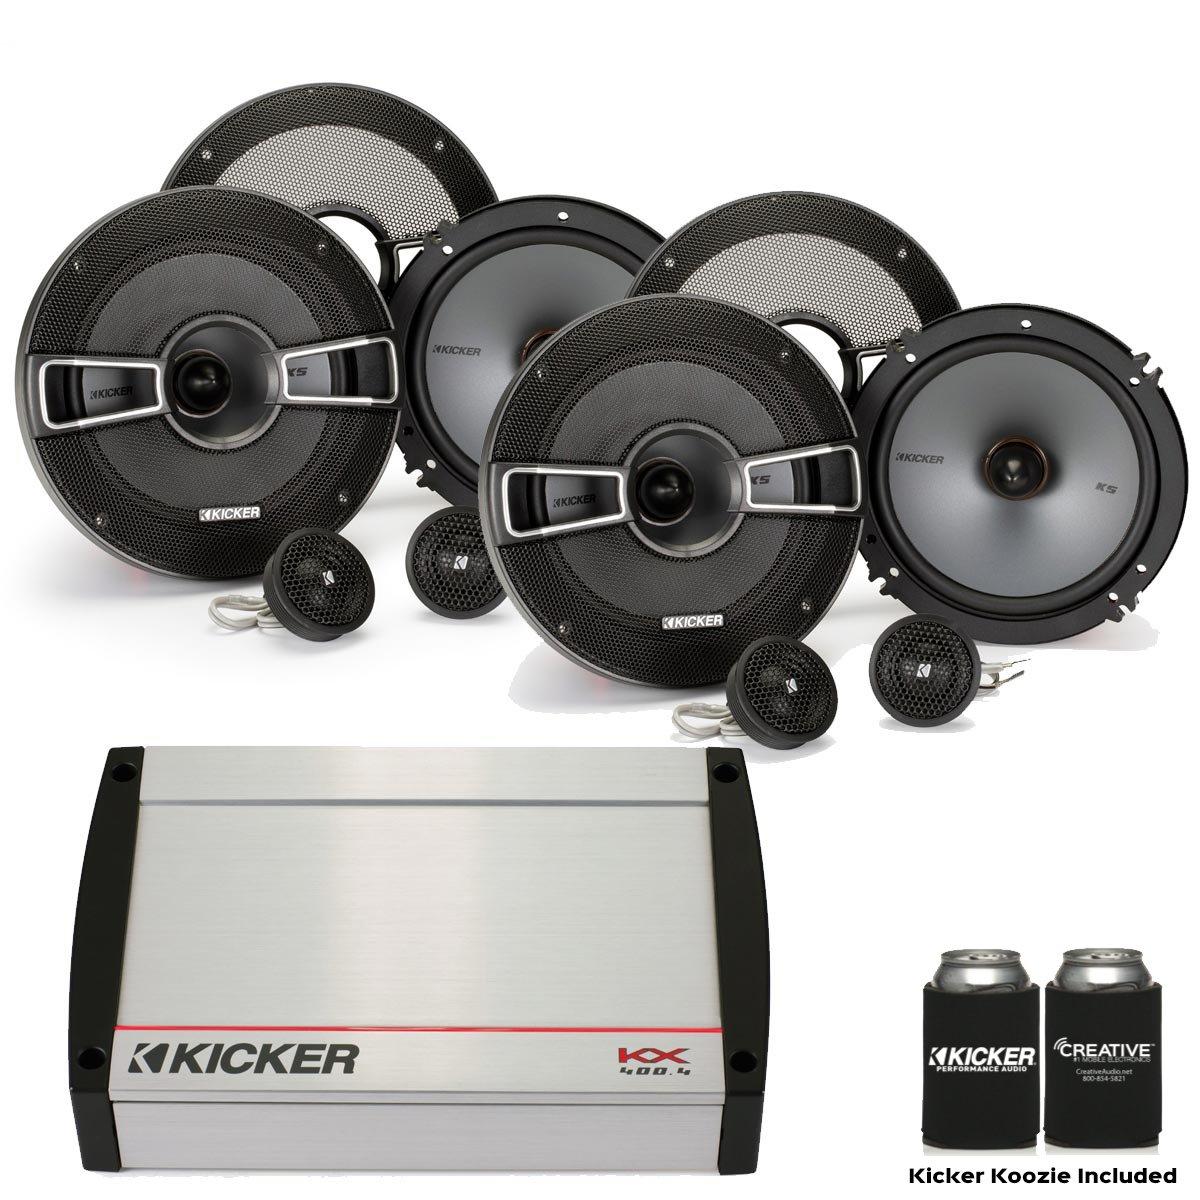 キッカースピーカーパッケージ – kx400.4 400ワット4チャネルAmp、2つのペアのkss654 6.5